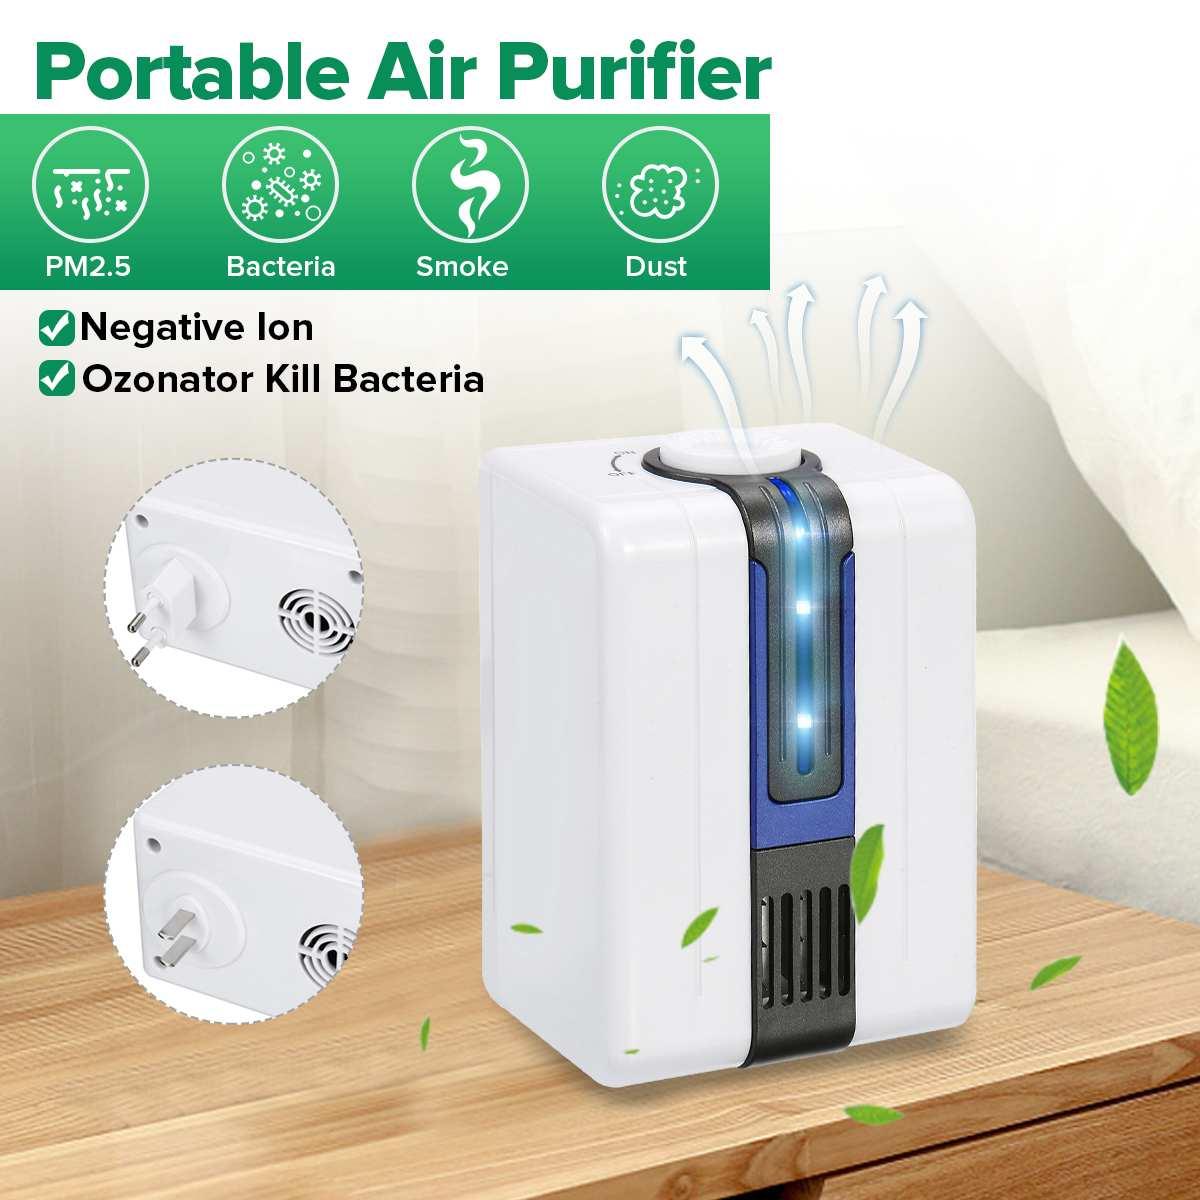 Домашний ионизатор 220 В/110 В, очистители, озонатор, очиститель воздуха, кислородный очиститель, убивает бактерии, чистый специфический запах ...